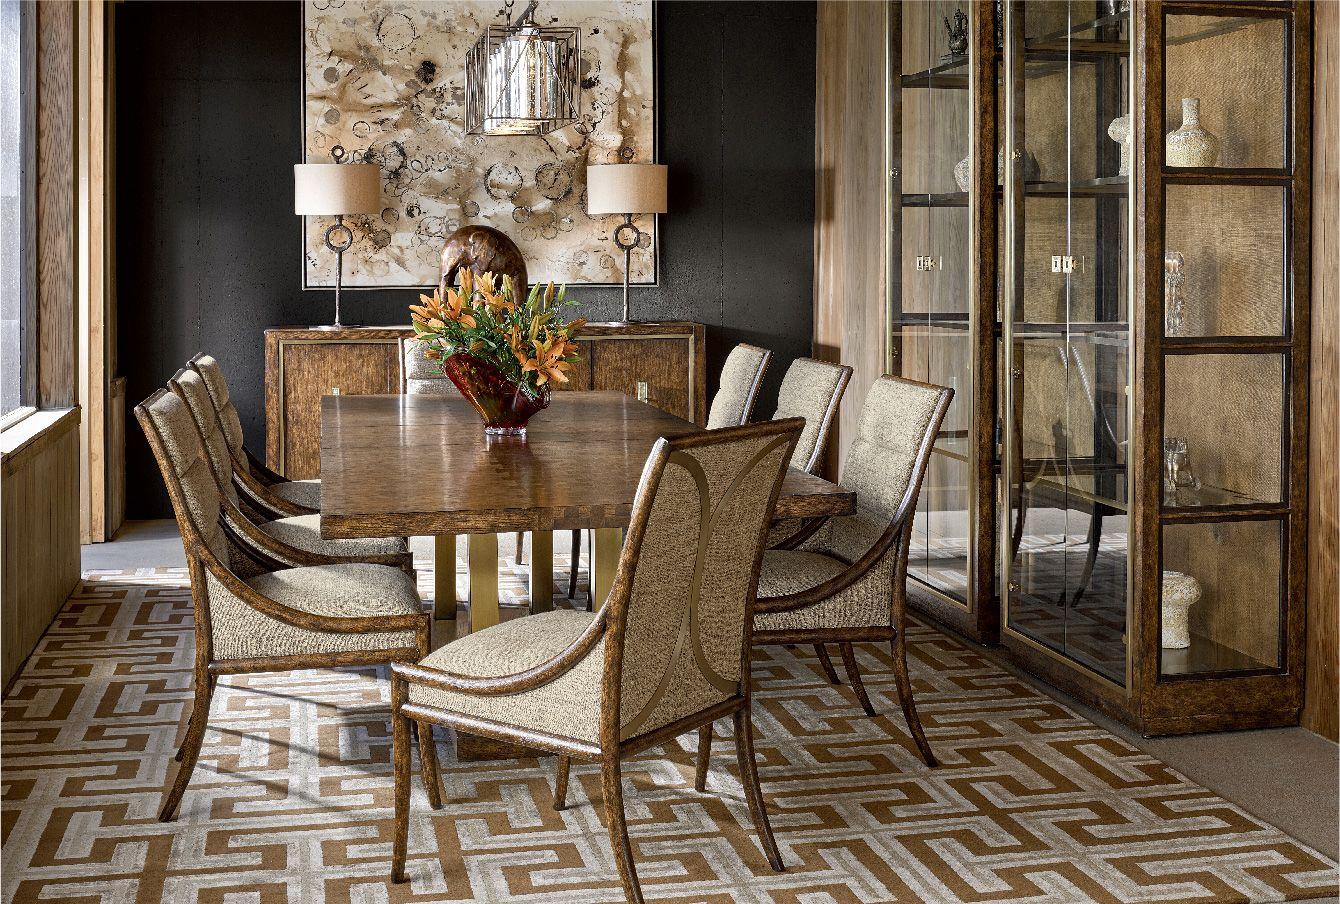 Mountain Concierge Interior Home Design